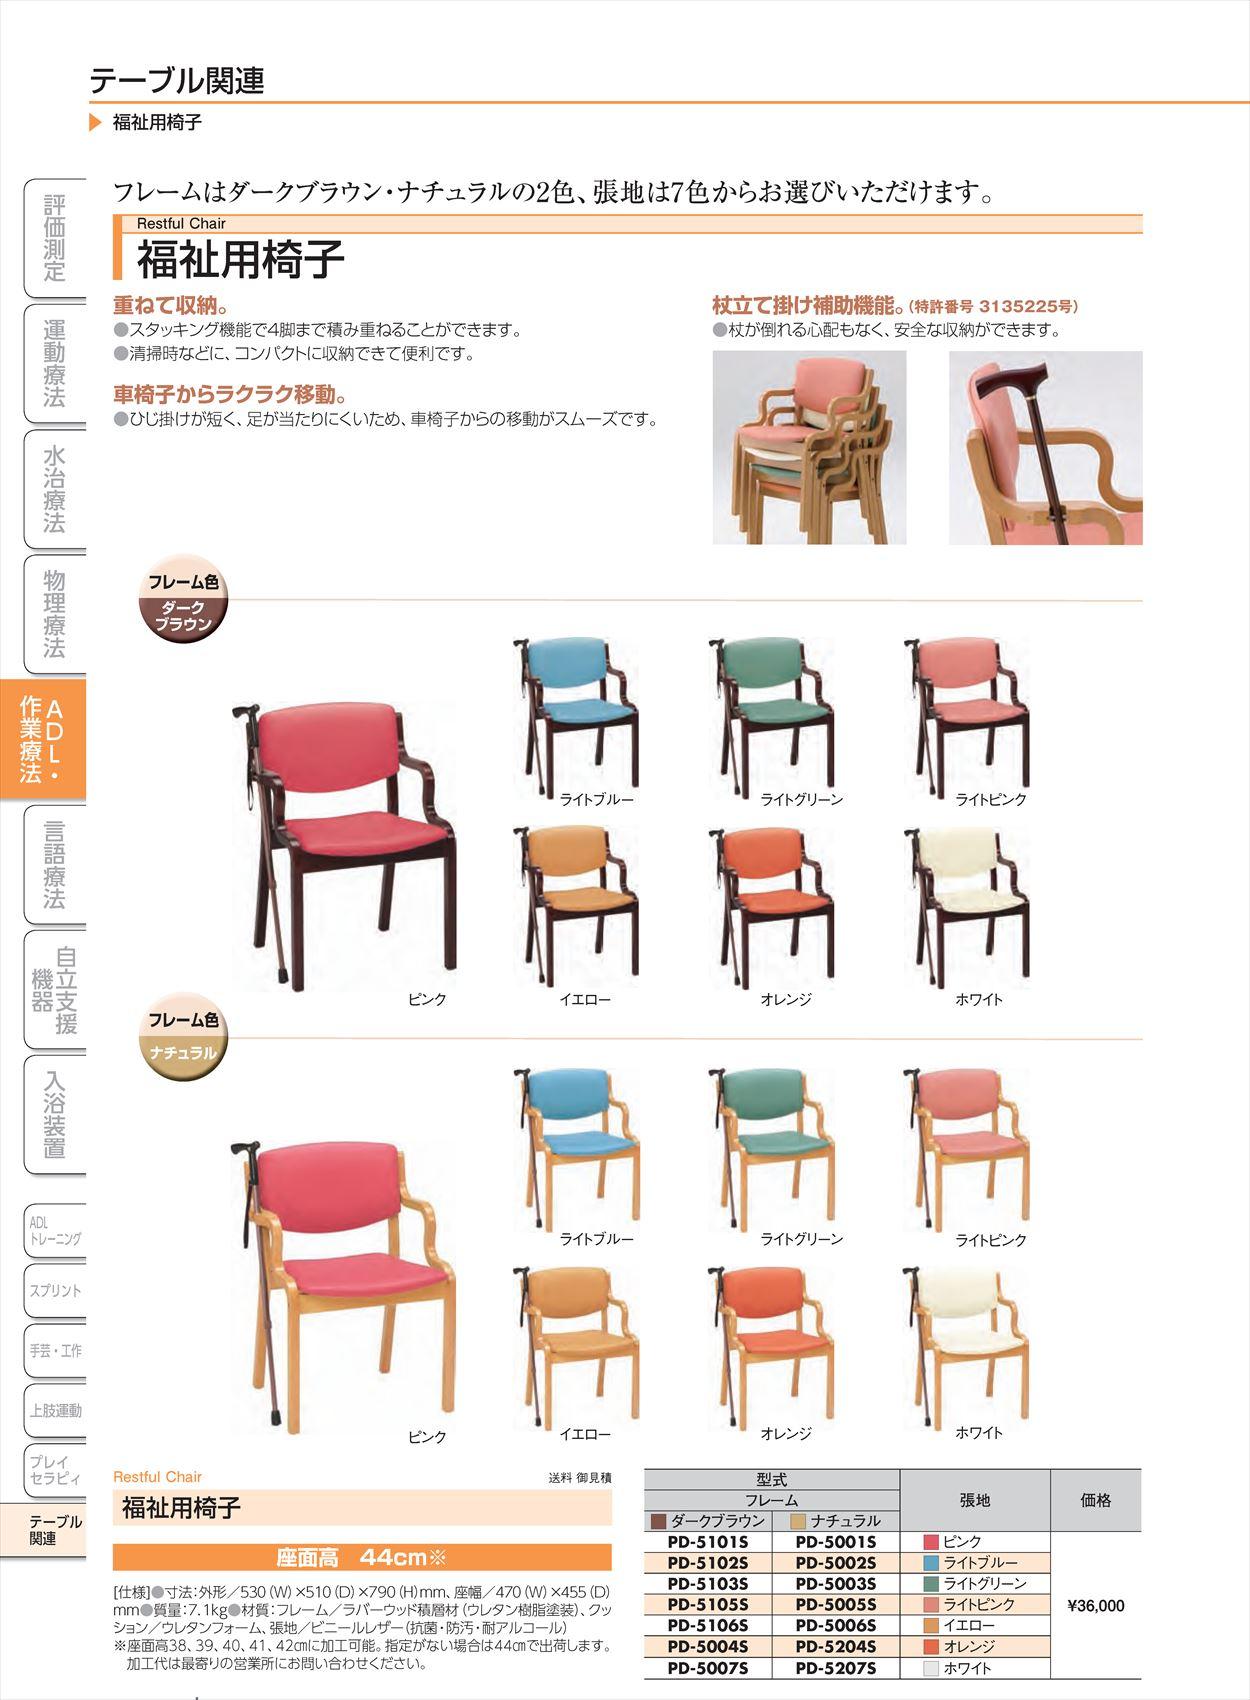 福祉用椅子PD-5006S[脚](sa14Q31274)【酒井医療】